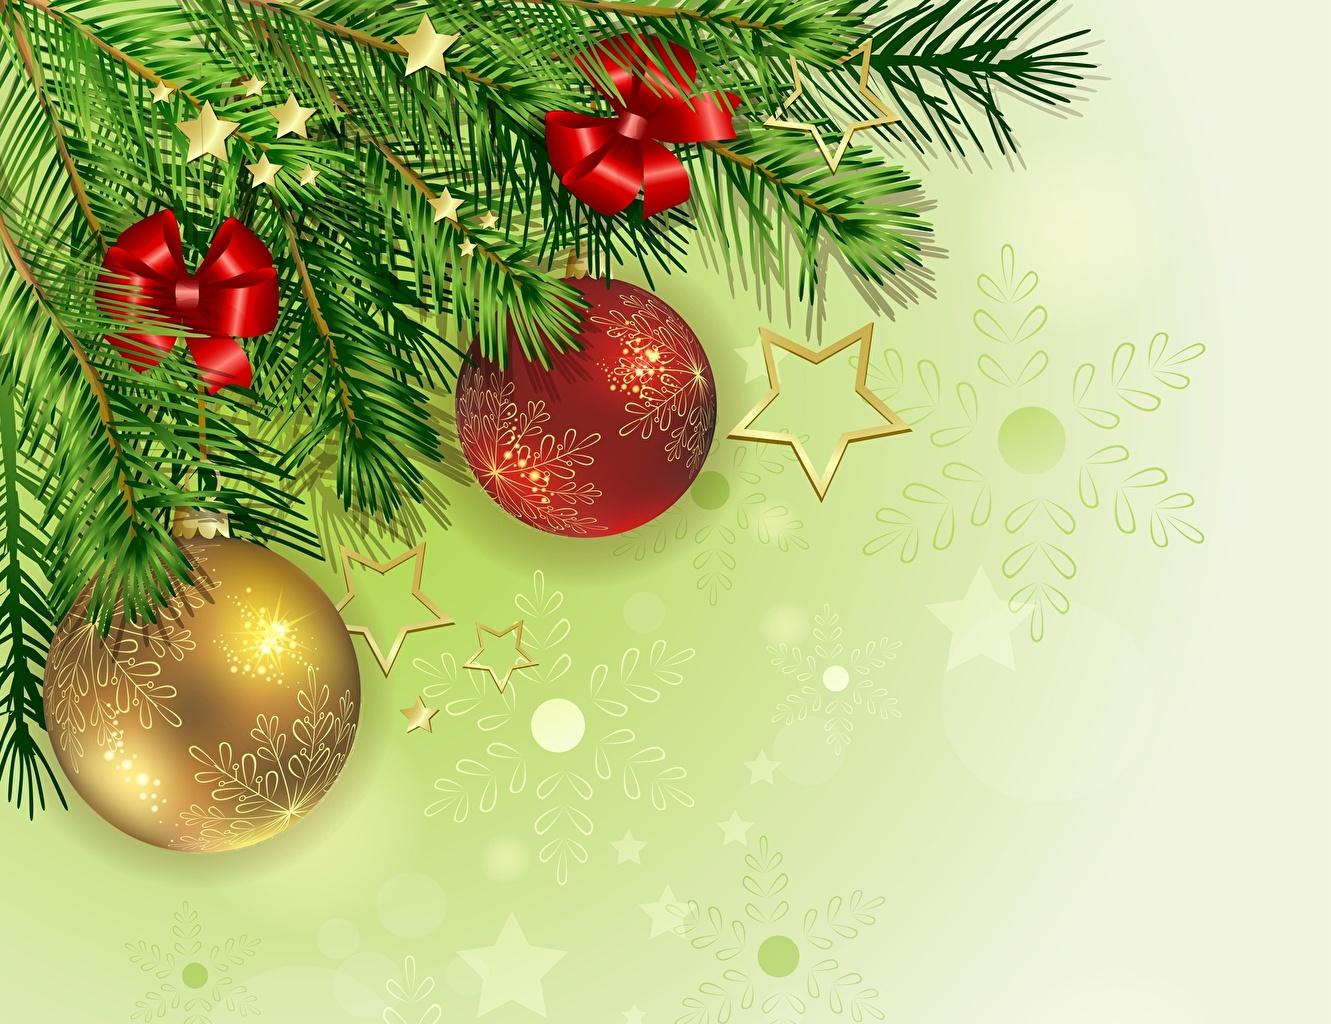 Weihnachtsbaum Ast.Fotos Neujahr Weihnachtsbaum Ast Kugeln Feiertage